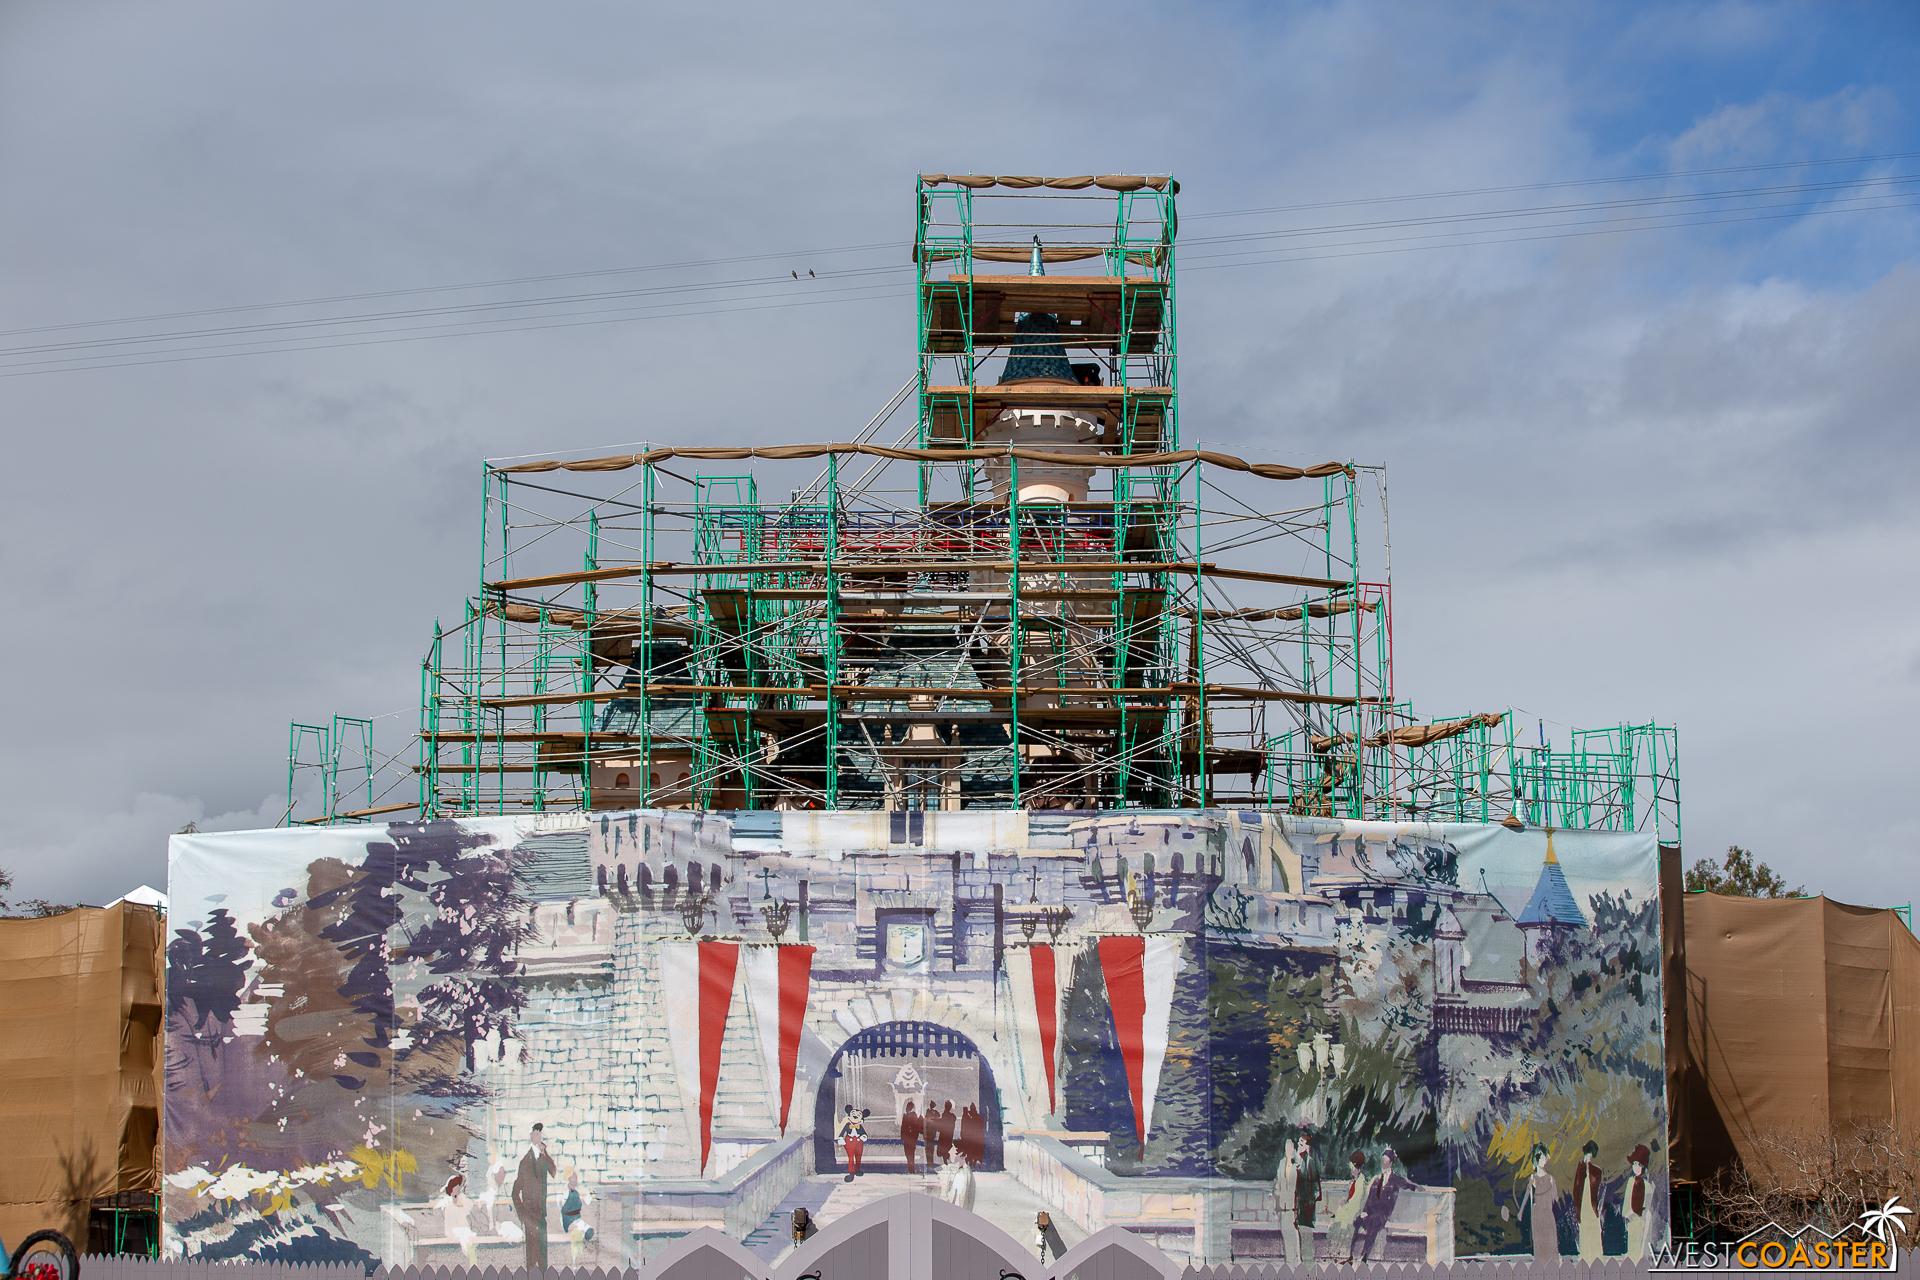 Westcoaster Disneyland Update 2-19-9.jpg